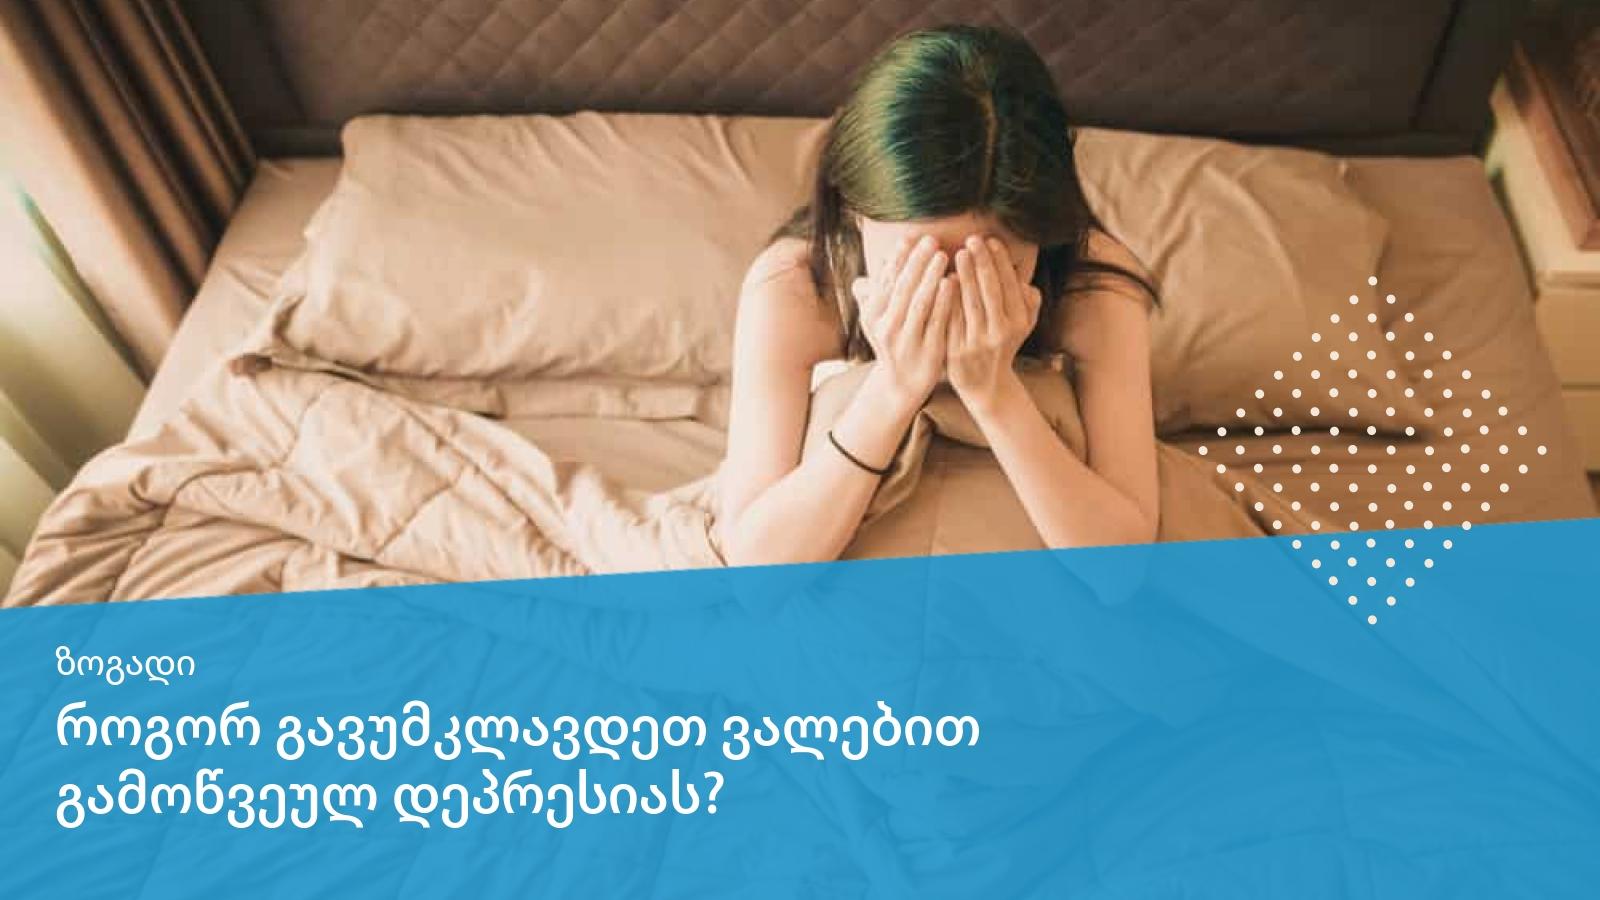 სესხი, ვალები, როგორ გავუმკლავდეთ ვალებით გამოწვეულ დეპრესიას?